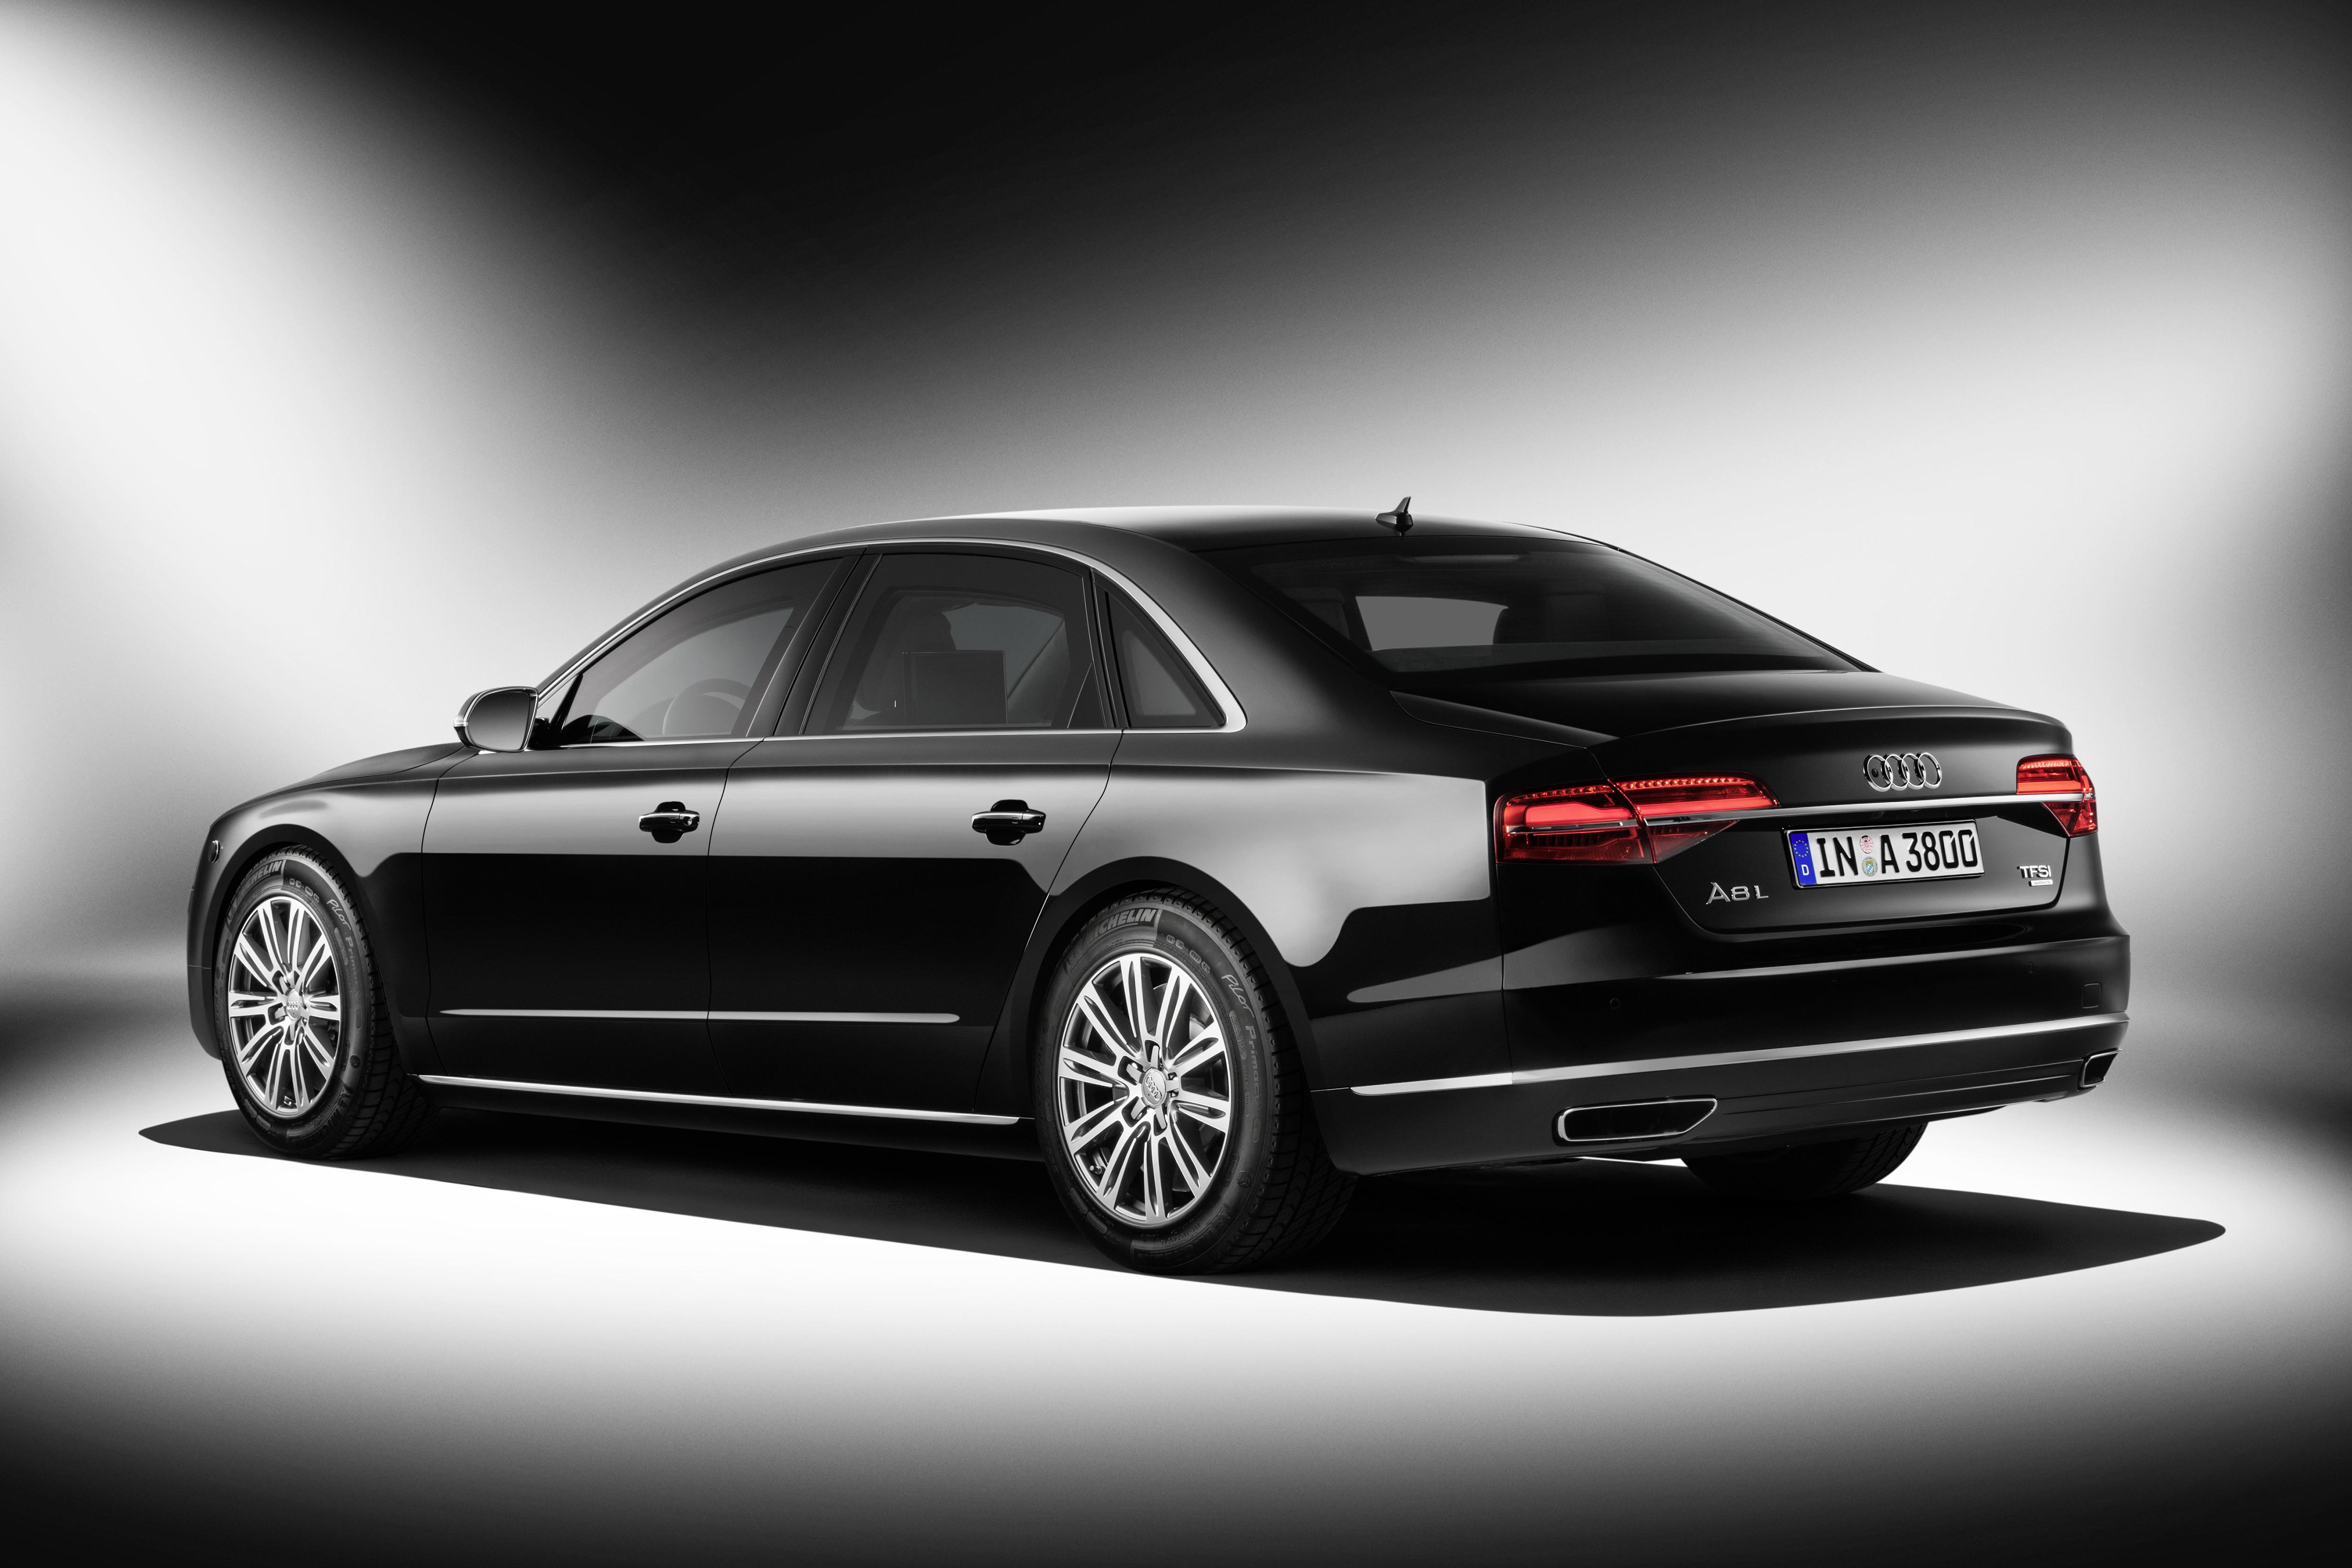 Salon De Francfort Audi A8 L Security Blind 233 E Et Plus